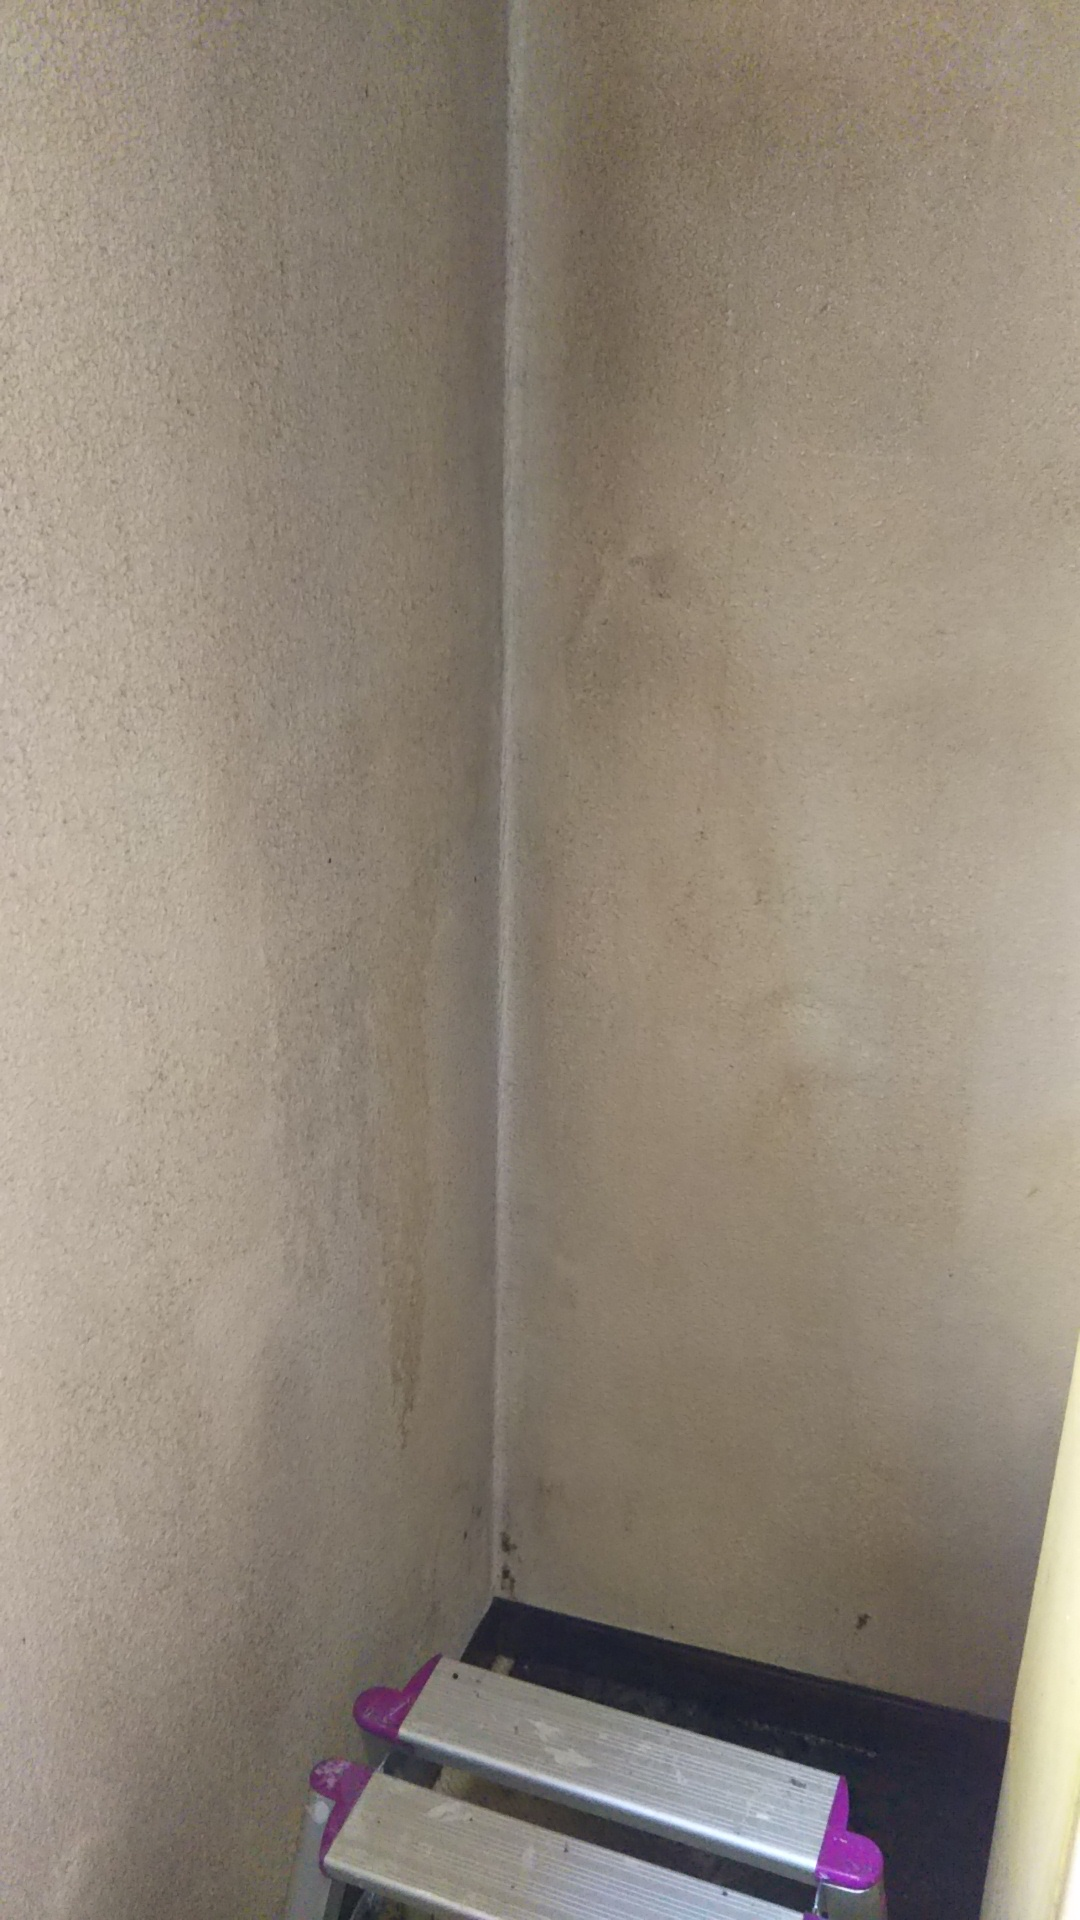 壁紙染色 キッチンの油汚れ 冷蔵庫の後ろの黒ずみ ビフォーアフター 川口市 おそうじ本舗川口末広店